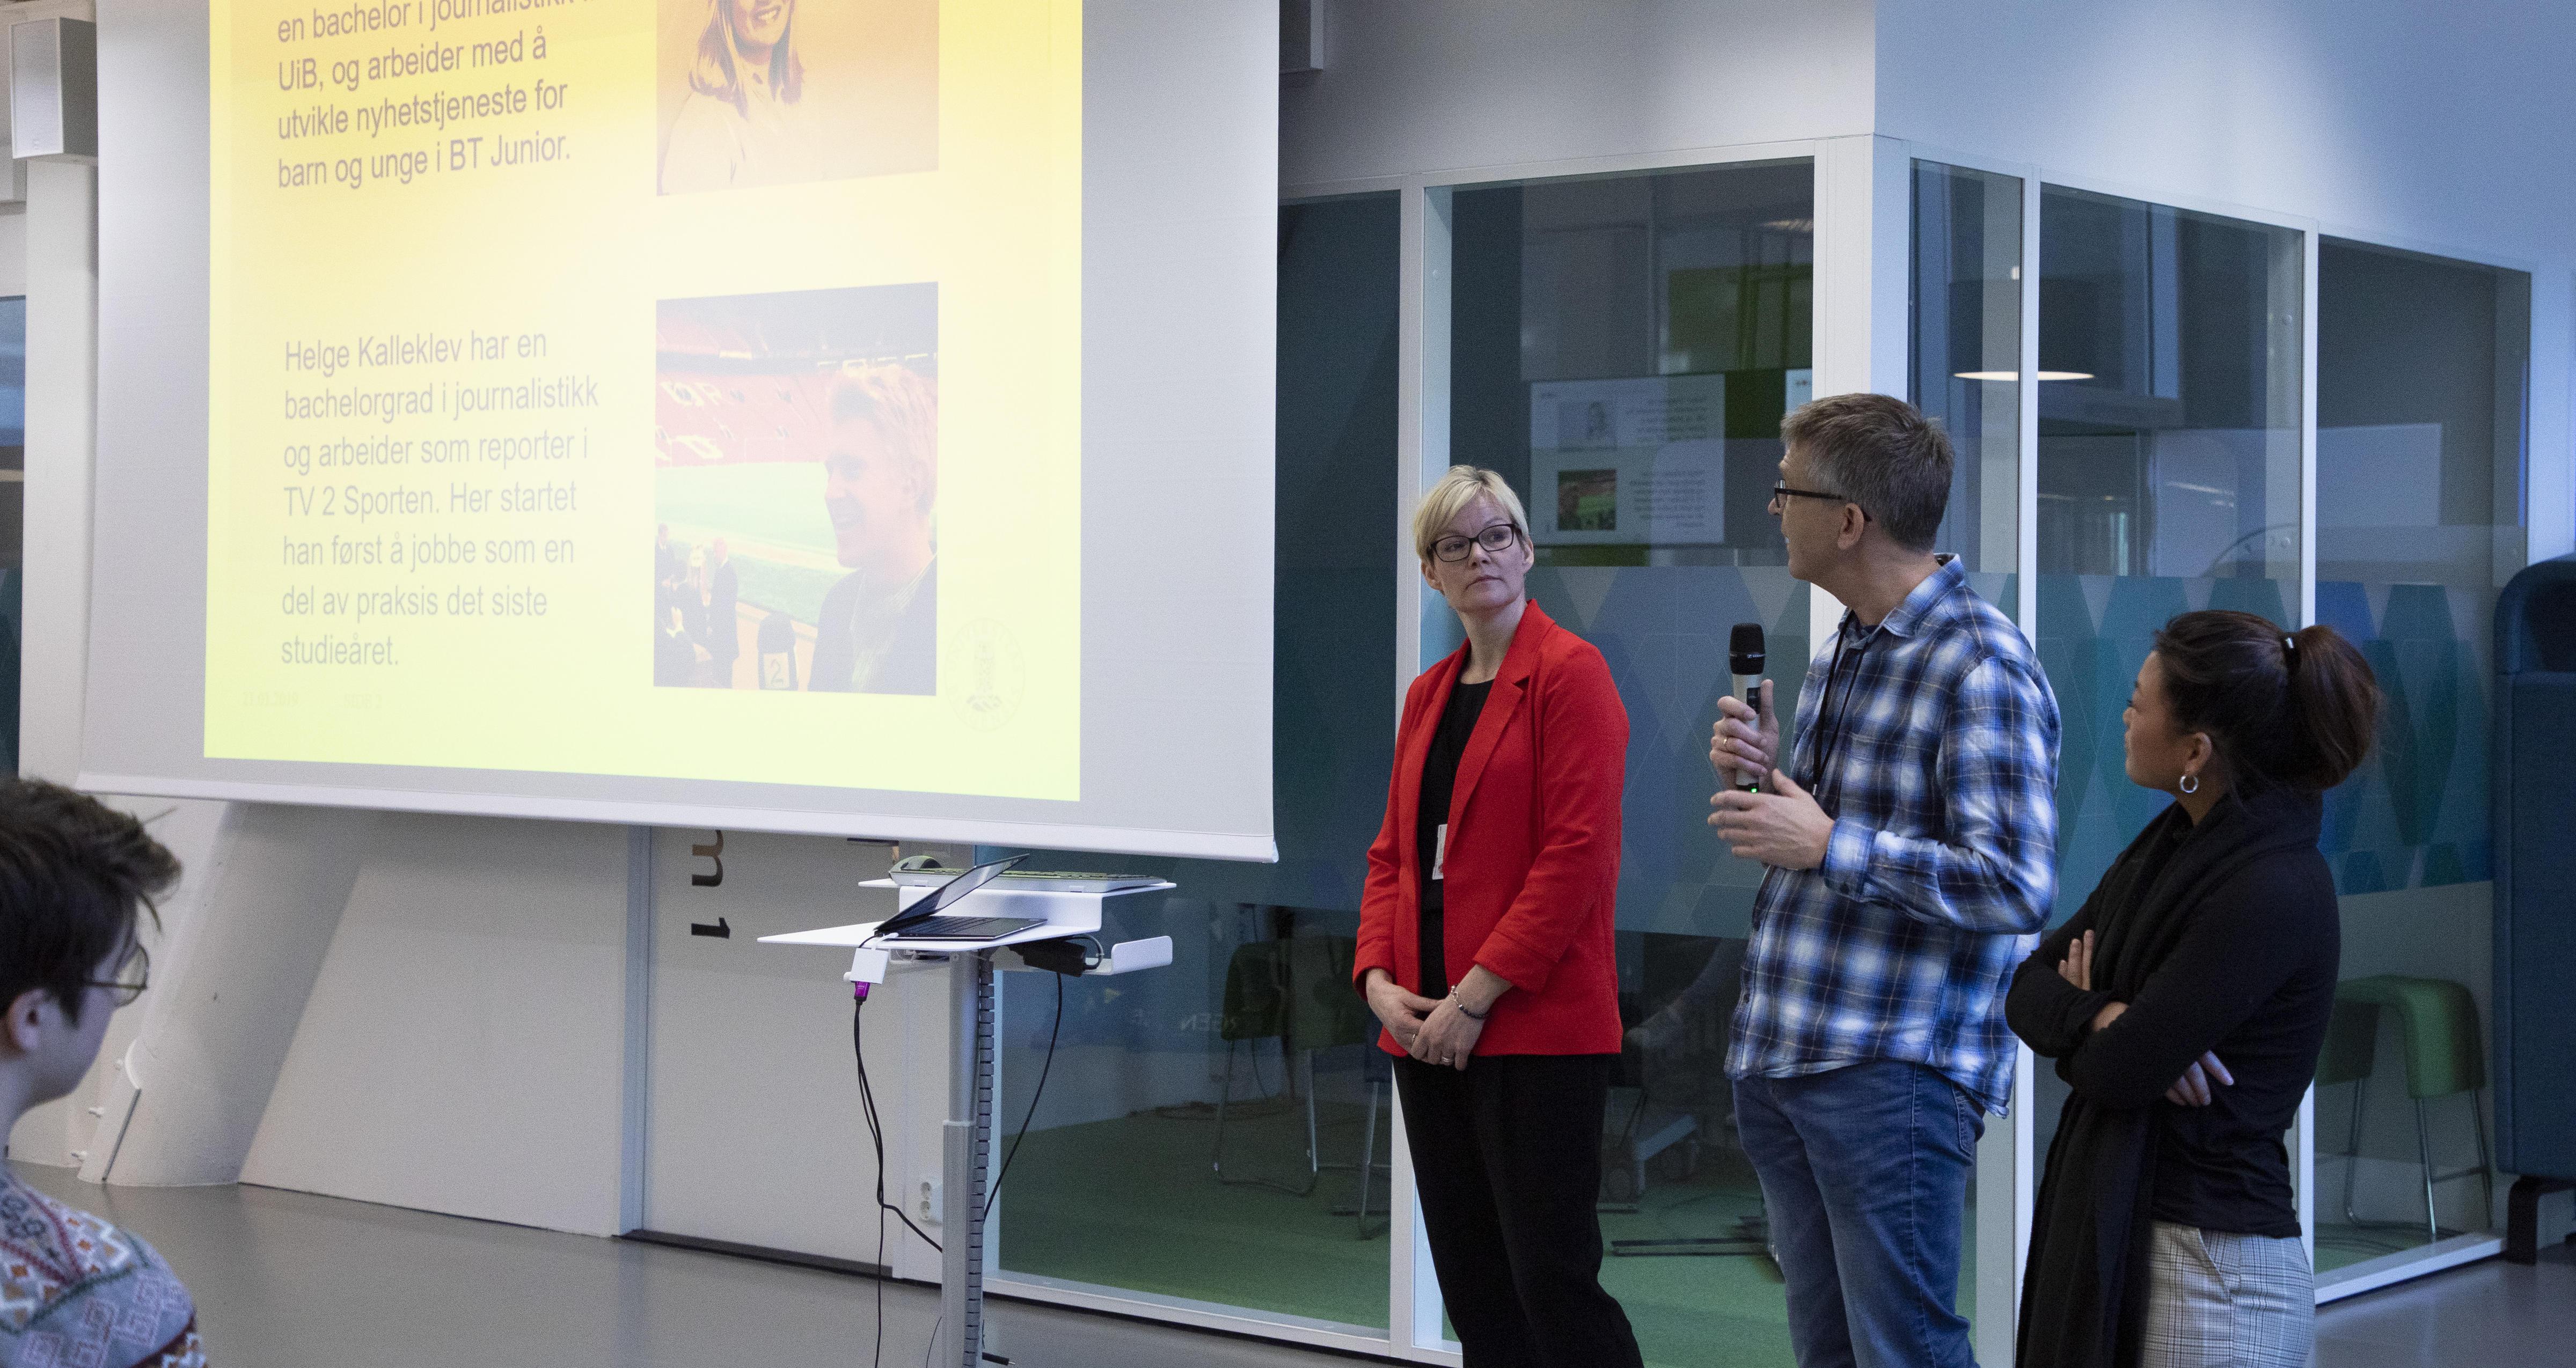 Kristine Holmelid, Lars Arve Røssland og Emma Aldal Sætre forteller om journalistikkstudiet